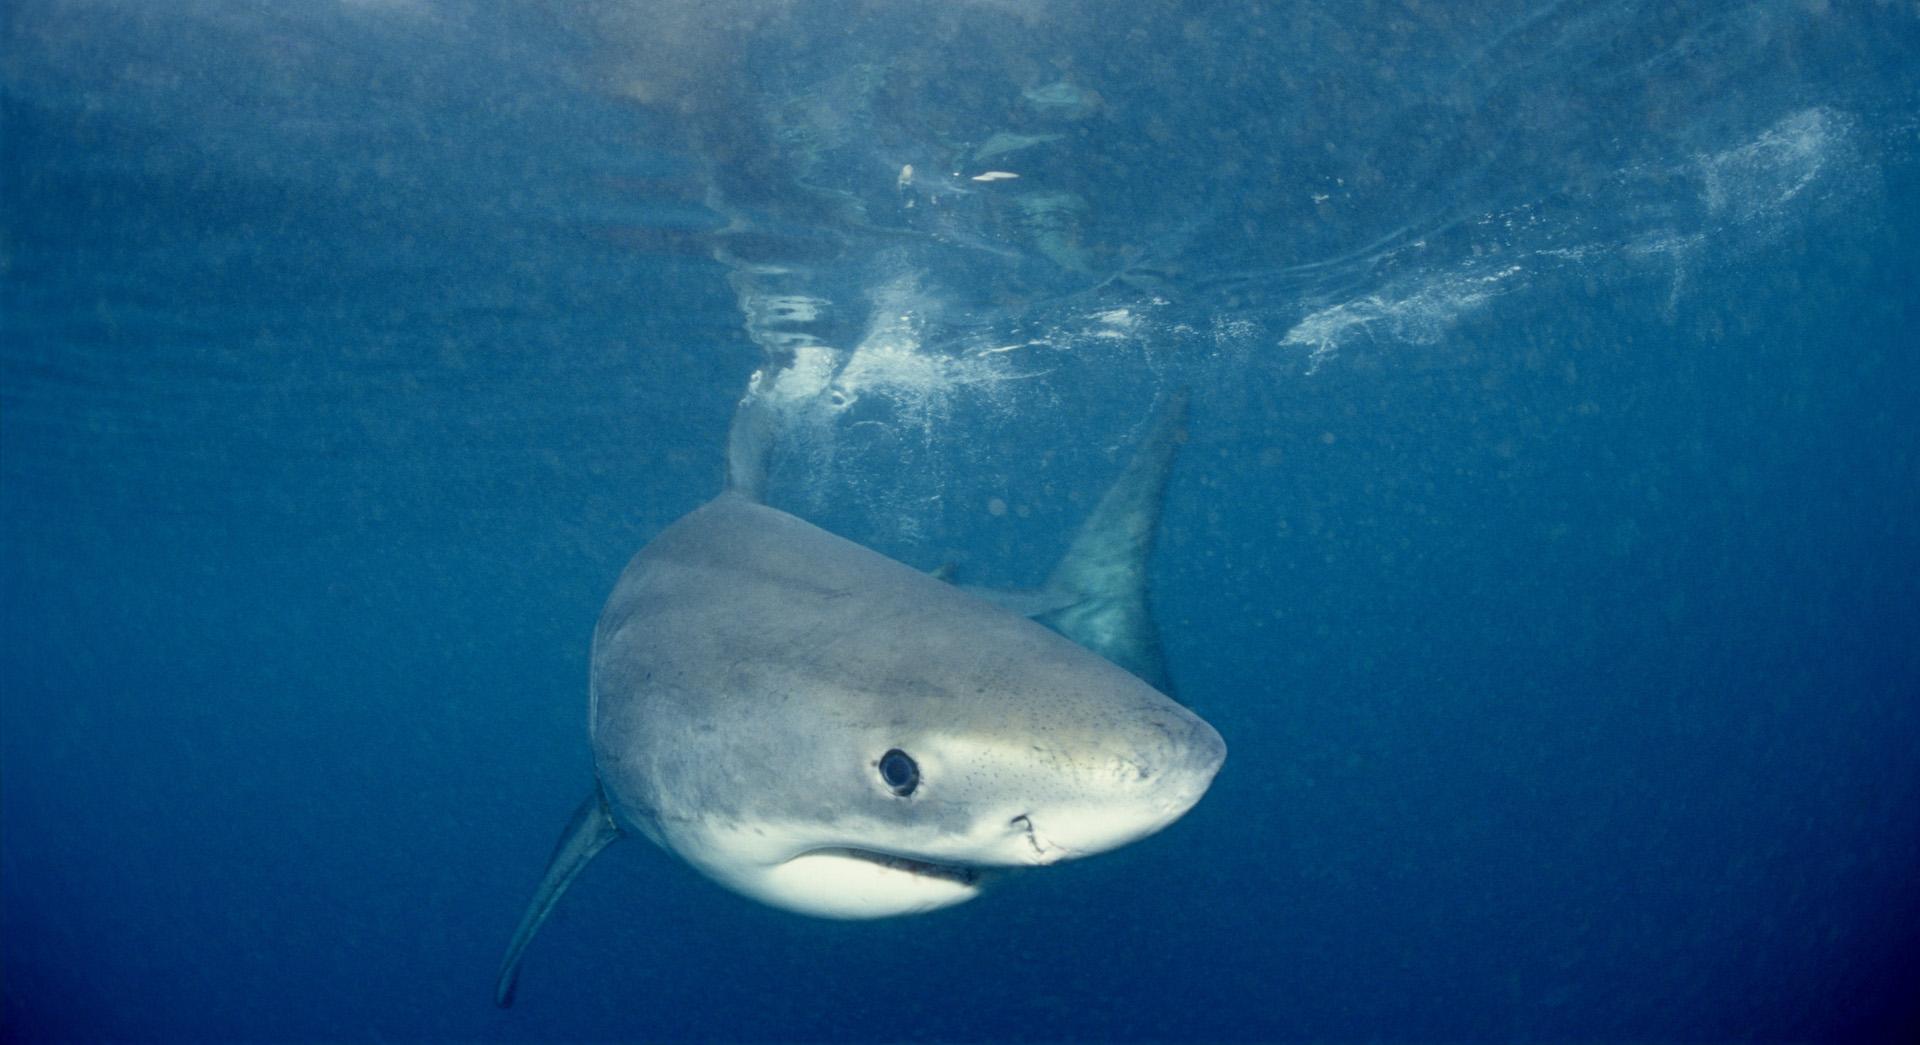 Un petit grand blanc nageant sous l'eau.